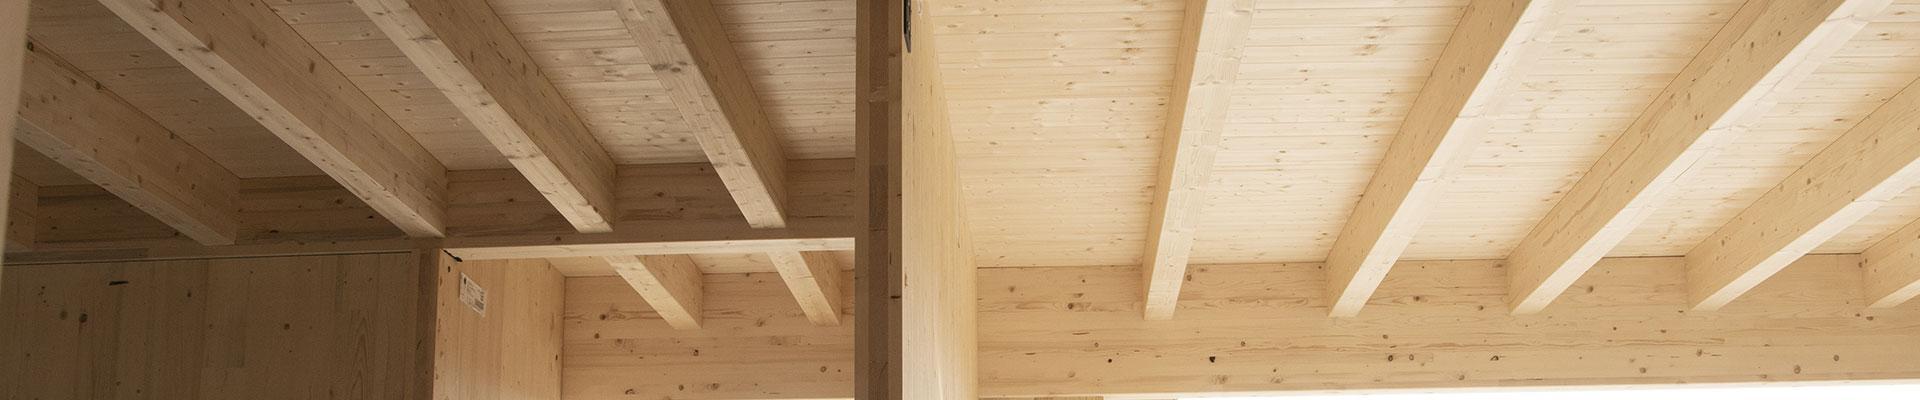 andreadolcettidesign casa legno strip - bambini - architetto ferrara